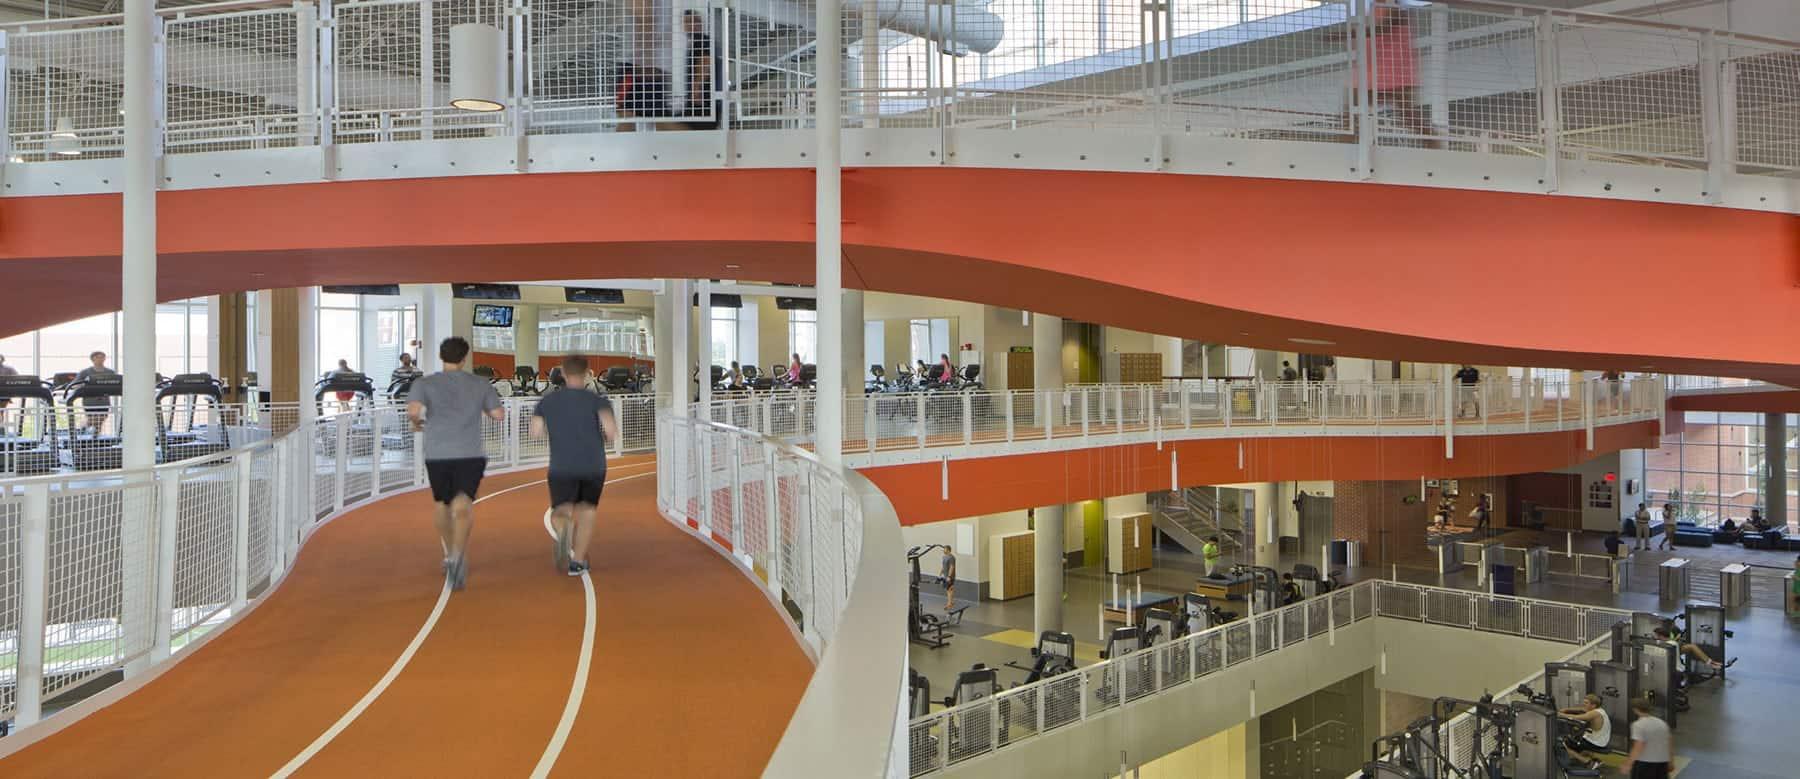 Auburn indoor track